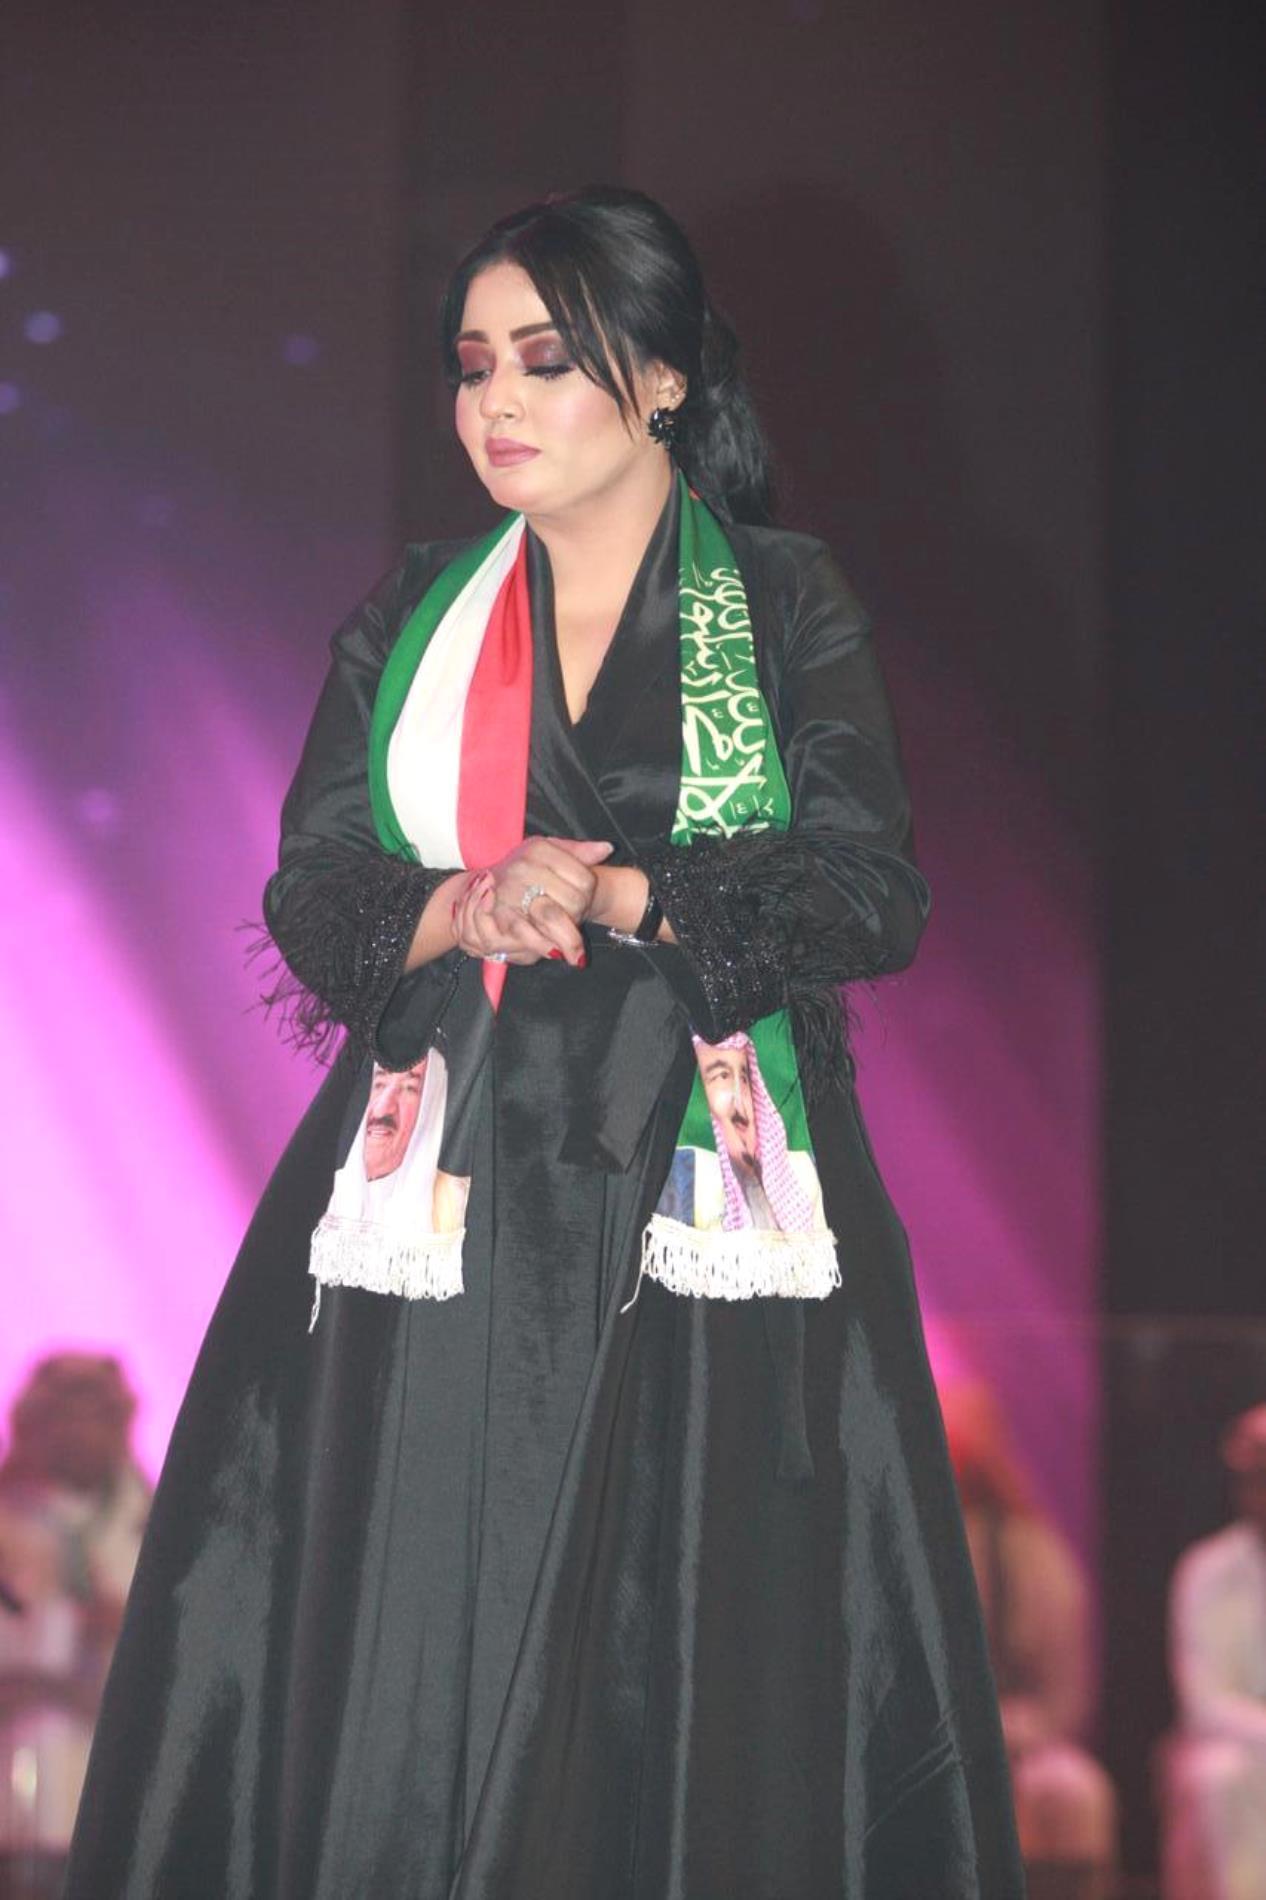 قد تشكل التقاليد عائقاً امام الفنانات السعوديات